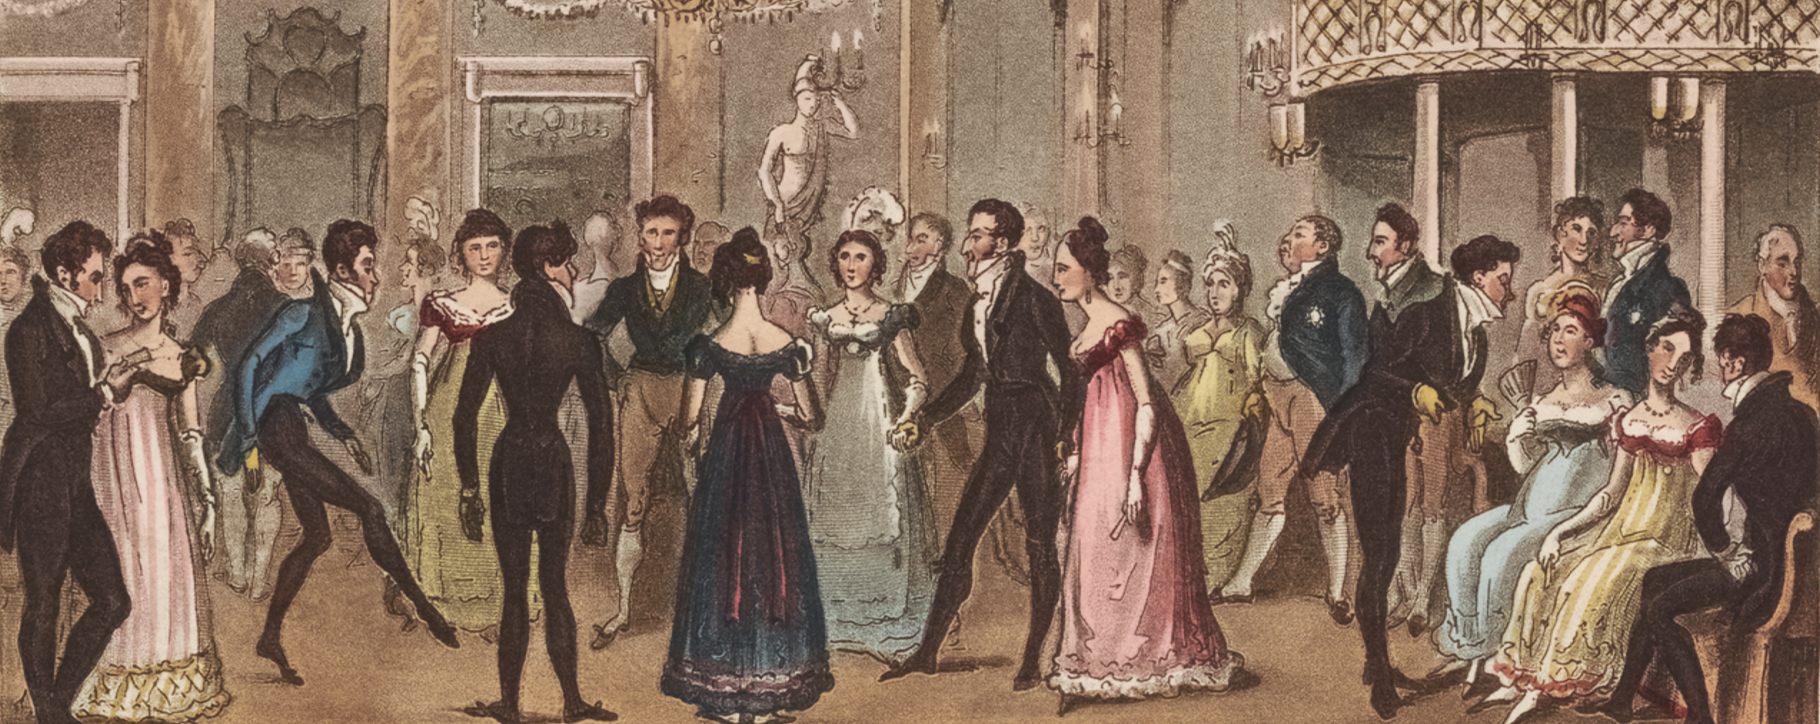 Regency Print